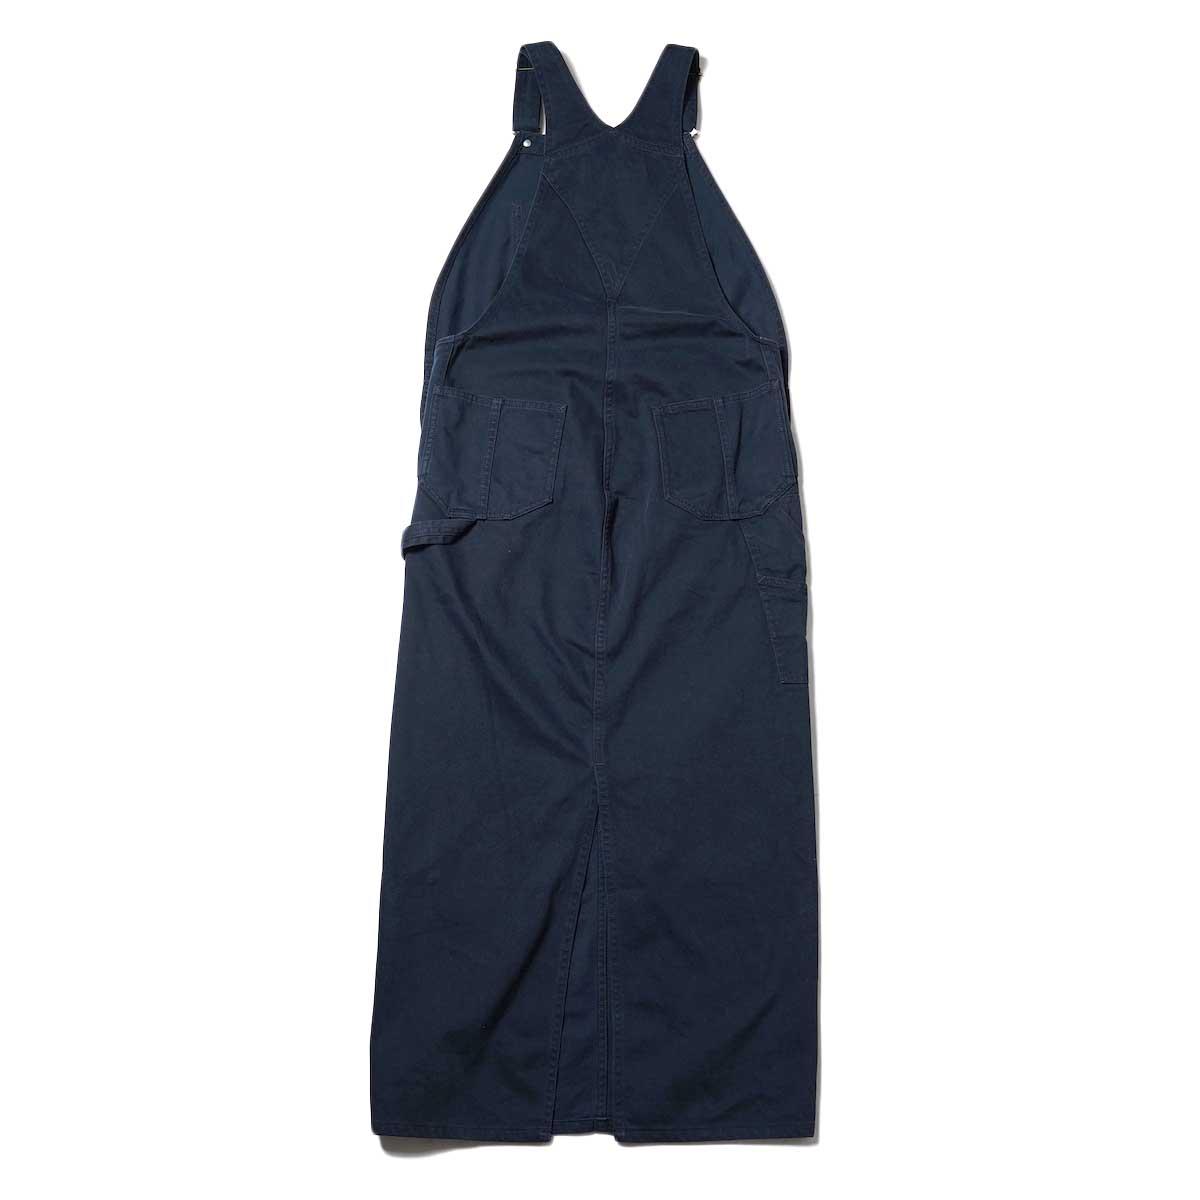 BLUEBIRD BOULEVARD / Classic Warm Worker Satin Jumper Dress (Navy) 背面